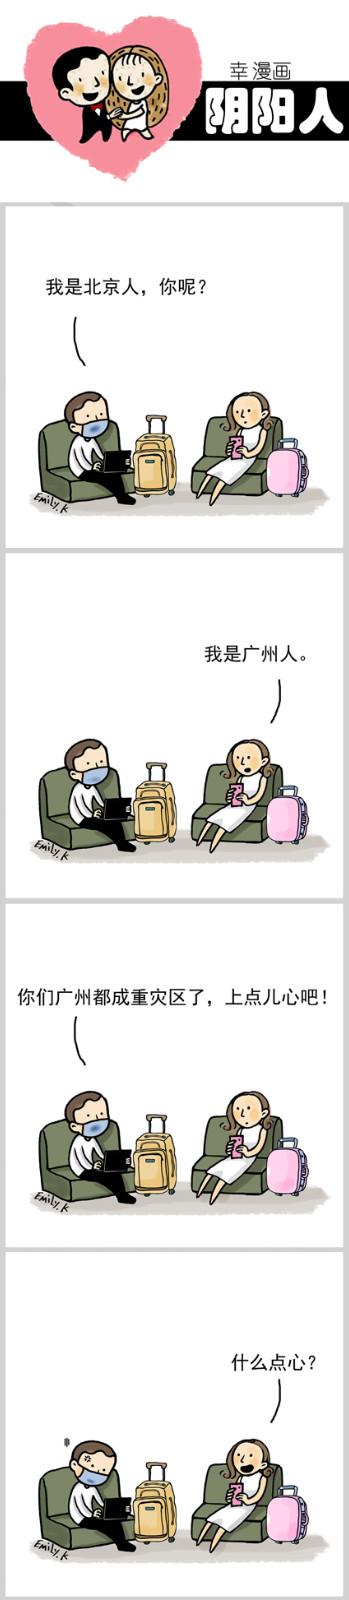 【邝幸漫畫】《阴阳人》点心_图1-1